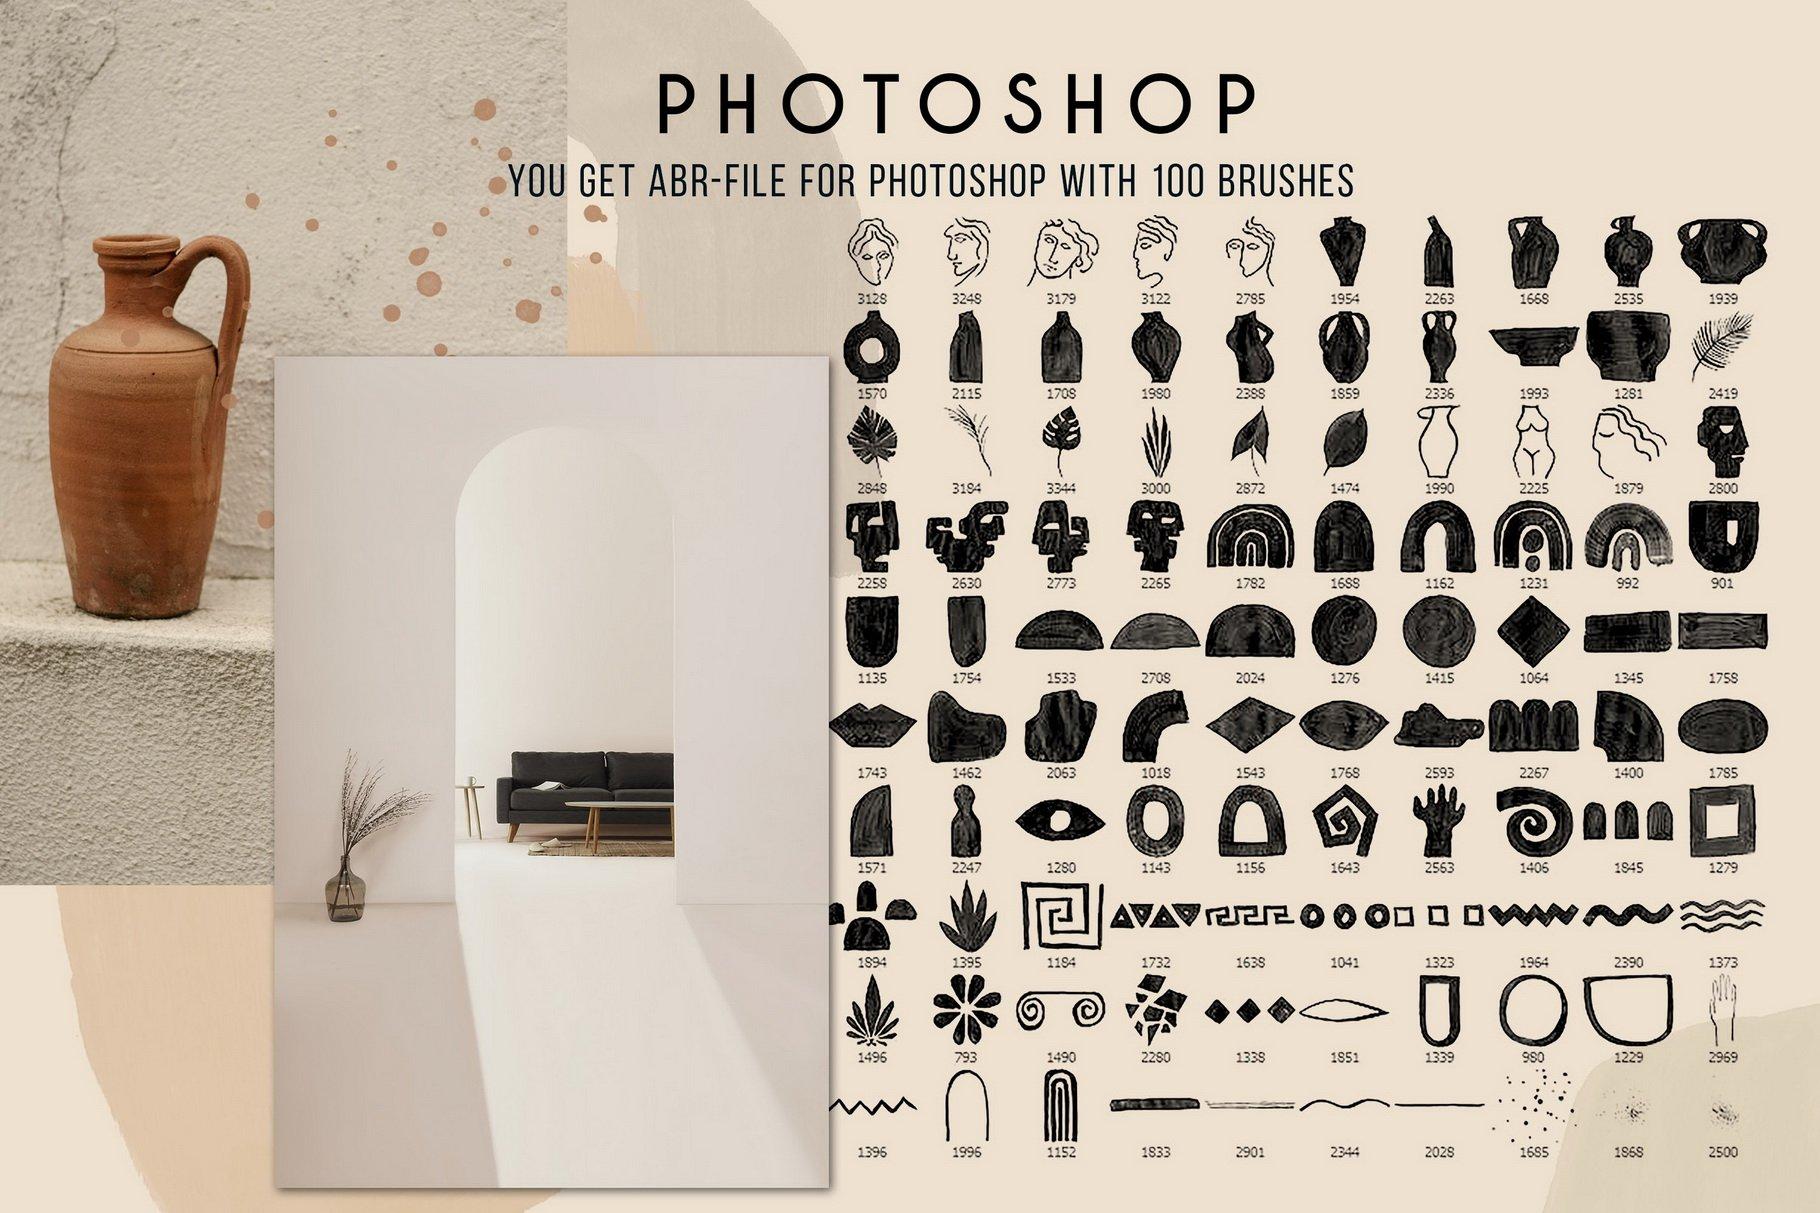 775款艺术气息水彩水墨丙烯酸绘画效果PS图章笔刷素材 Photoshop Stamp Brushes Bundle 2020插图24